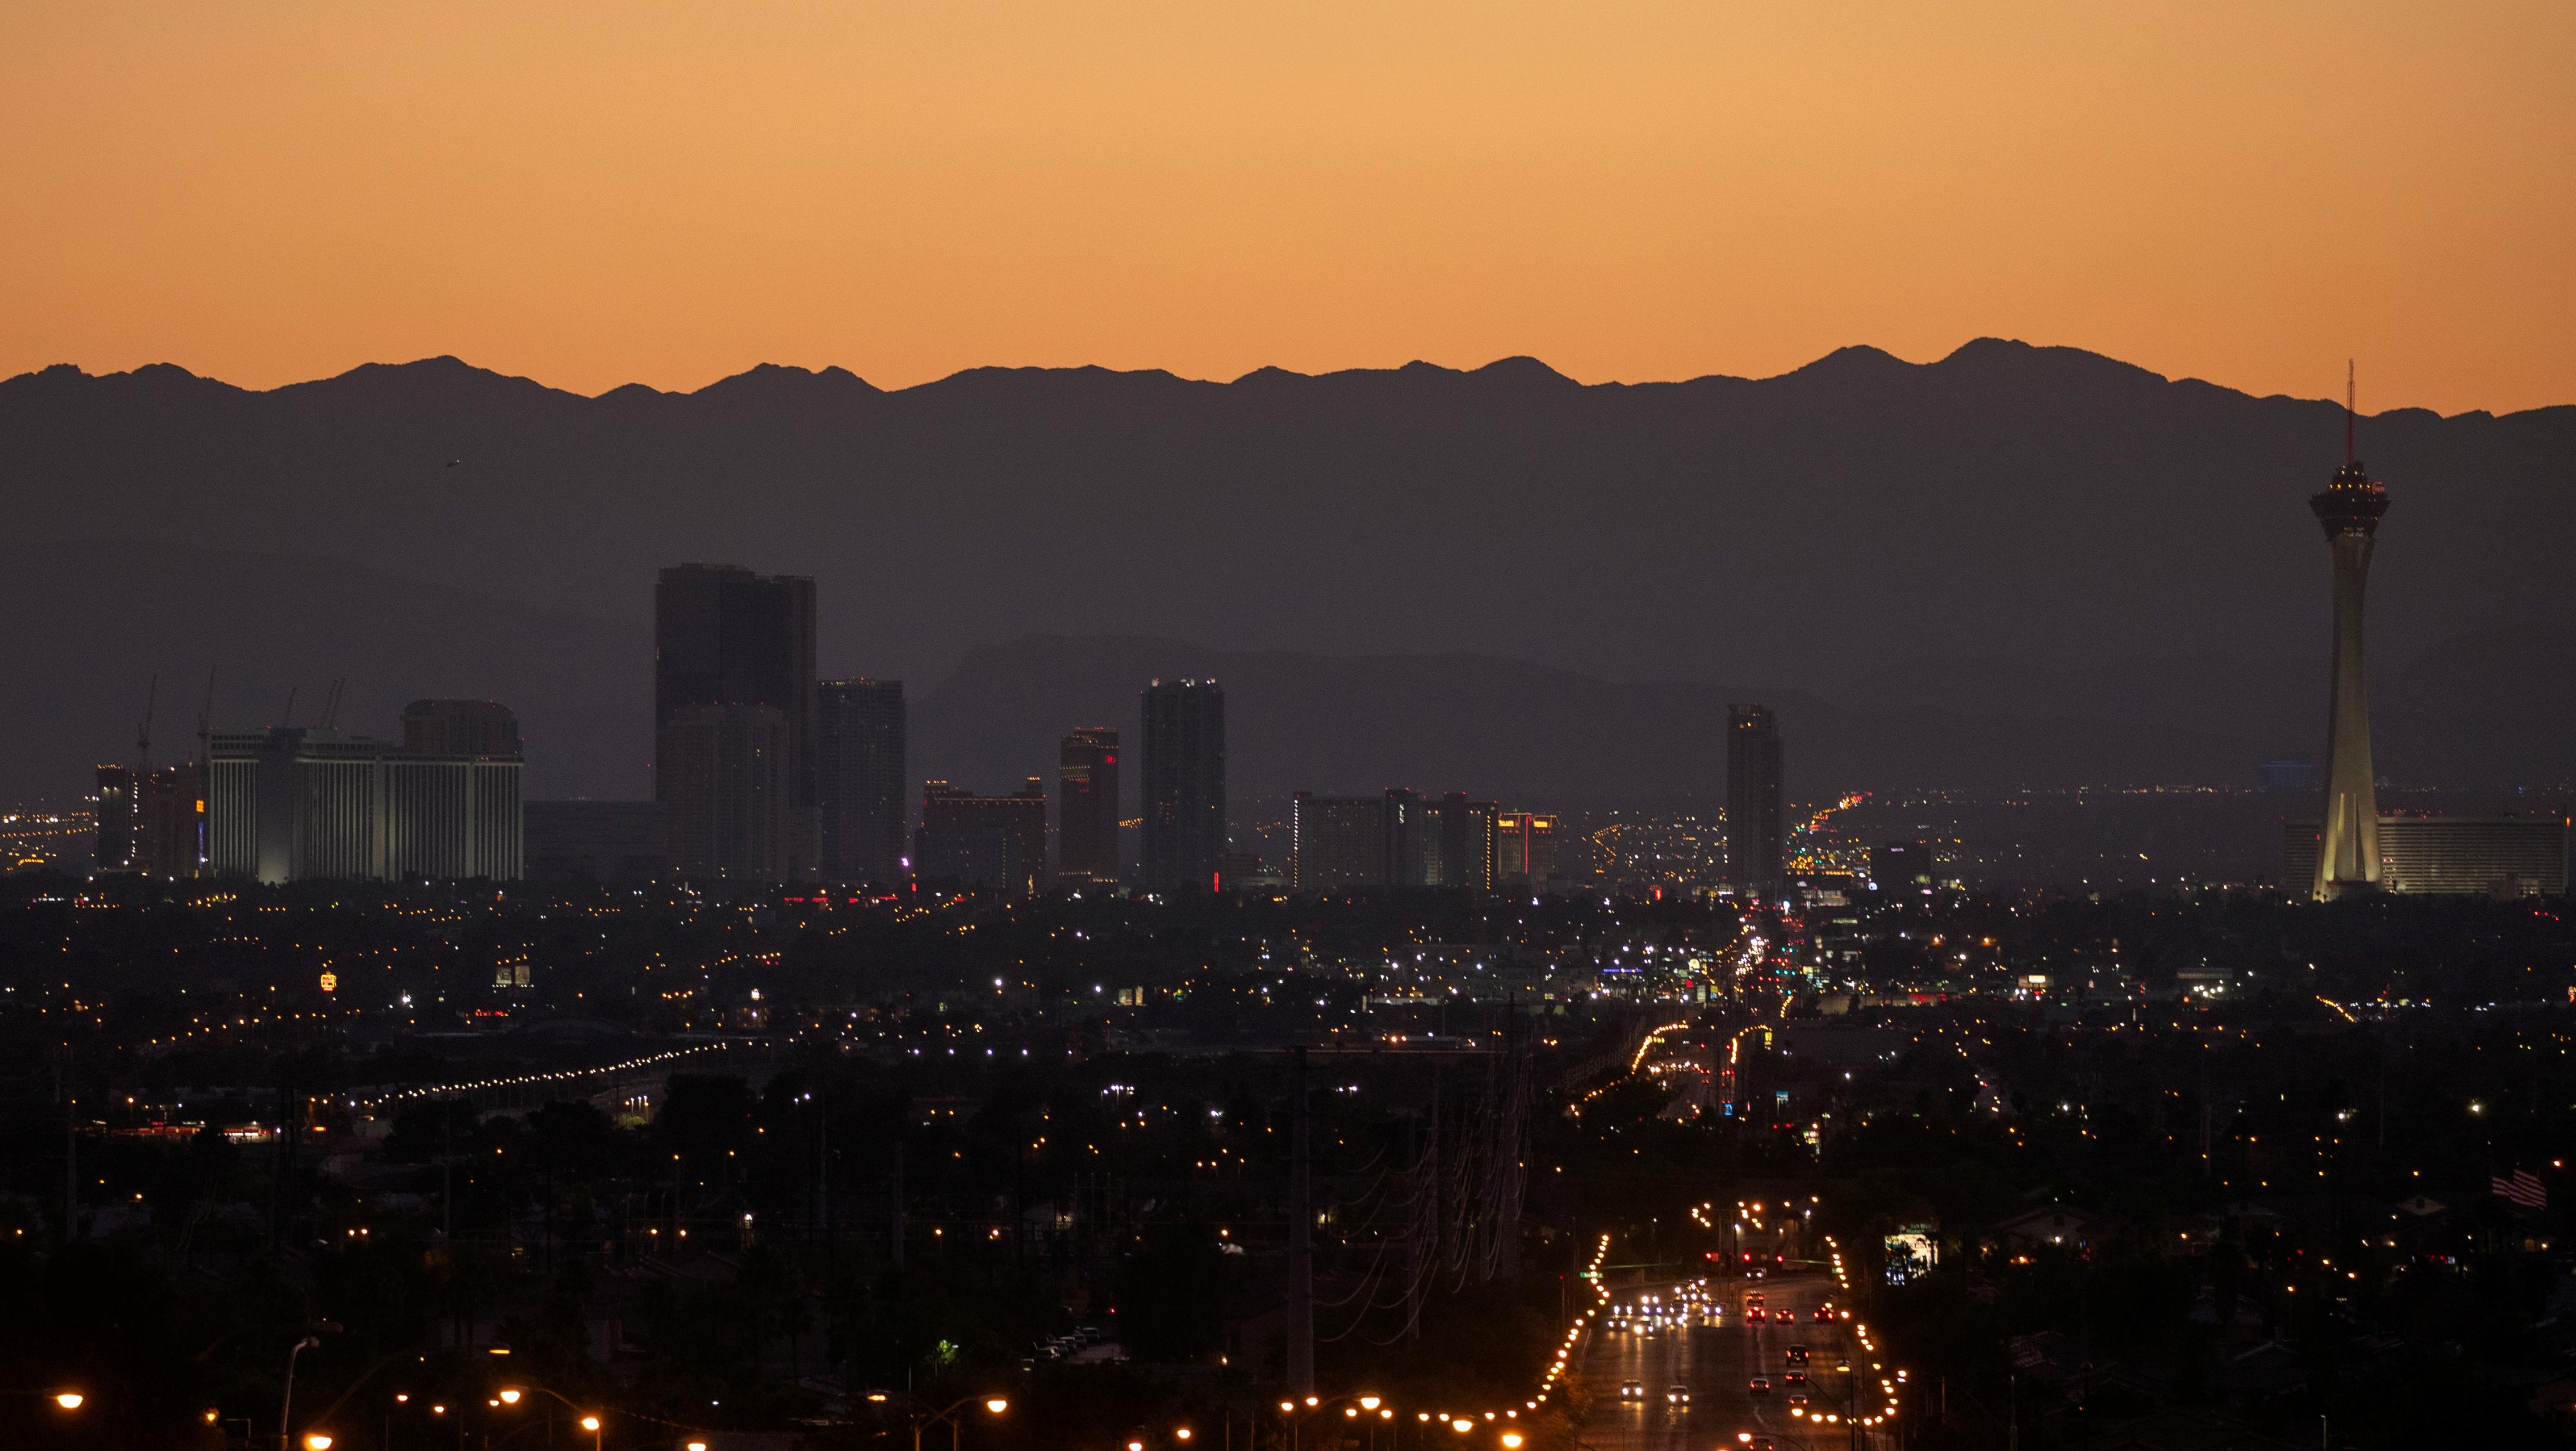 Las Vegas skyline at night.